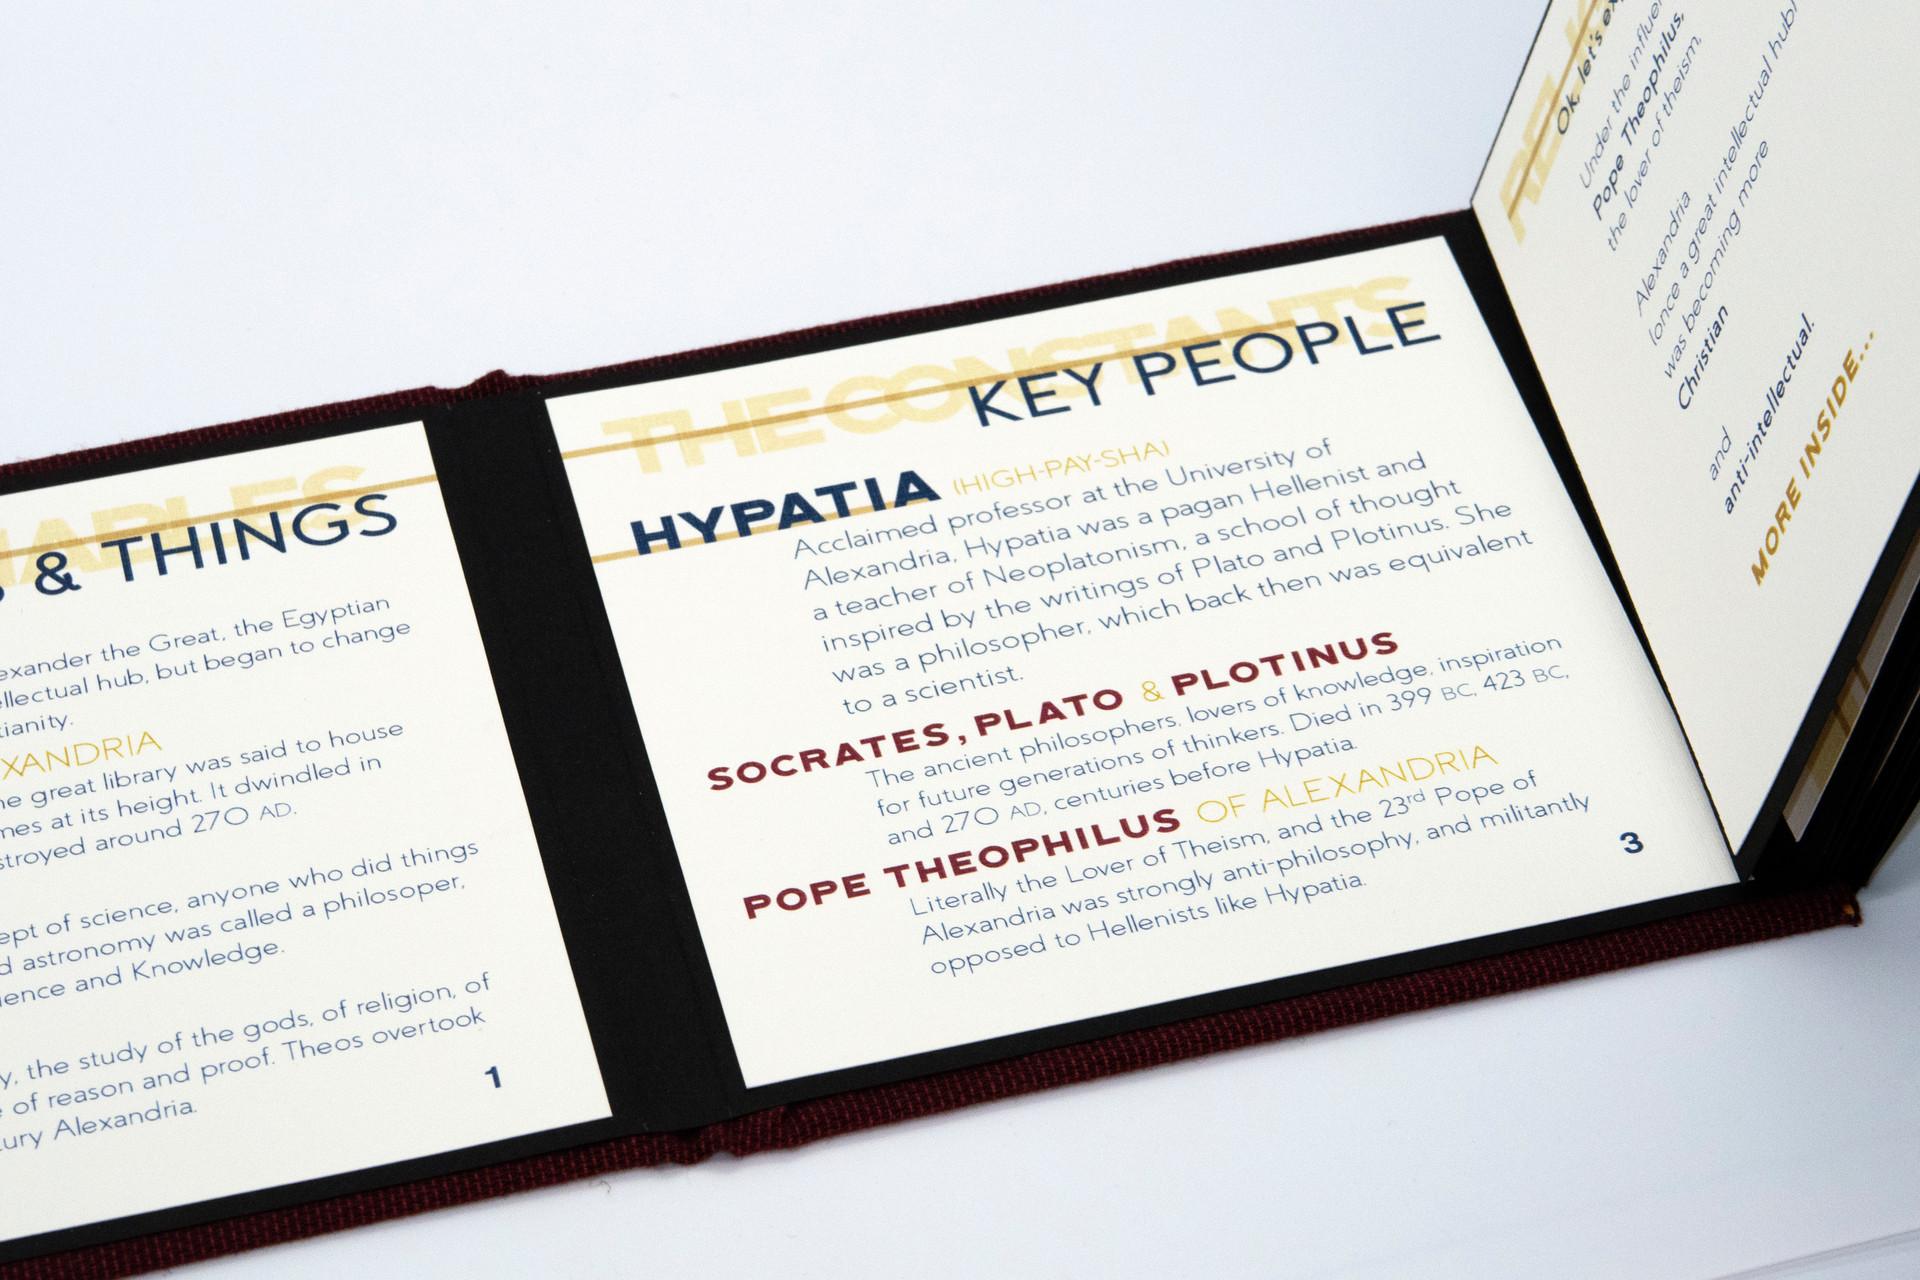 12 hypatia.jpg